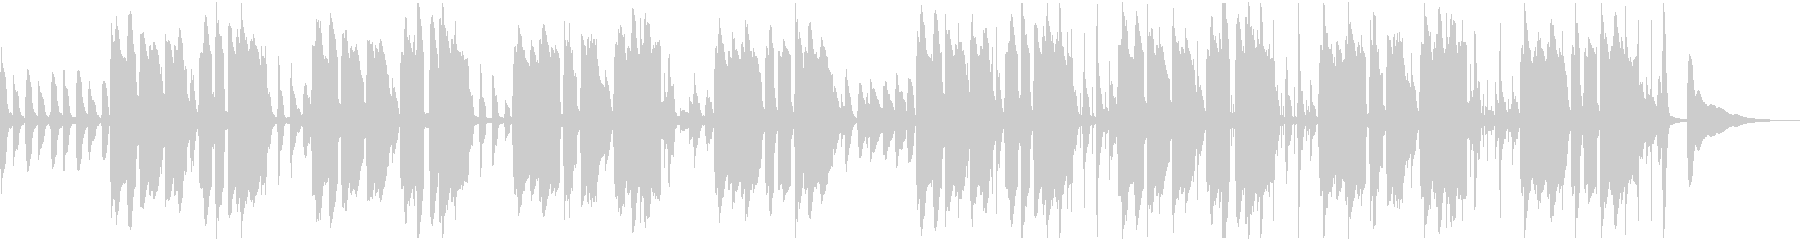 アコギとピアニカのほのぼのとしたBGMの未再生の波形